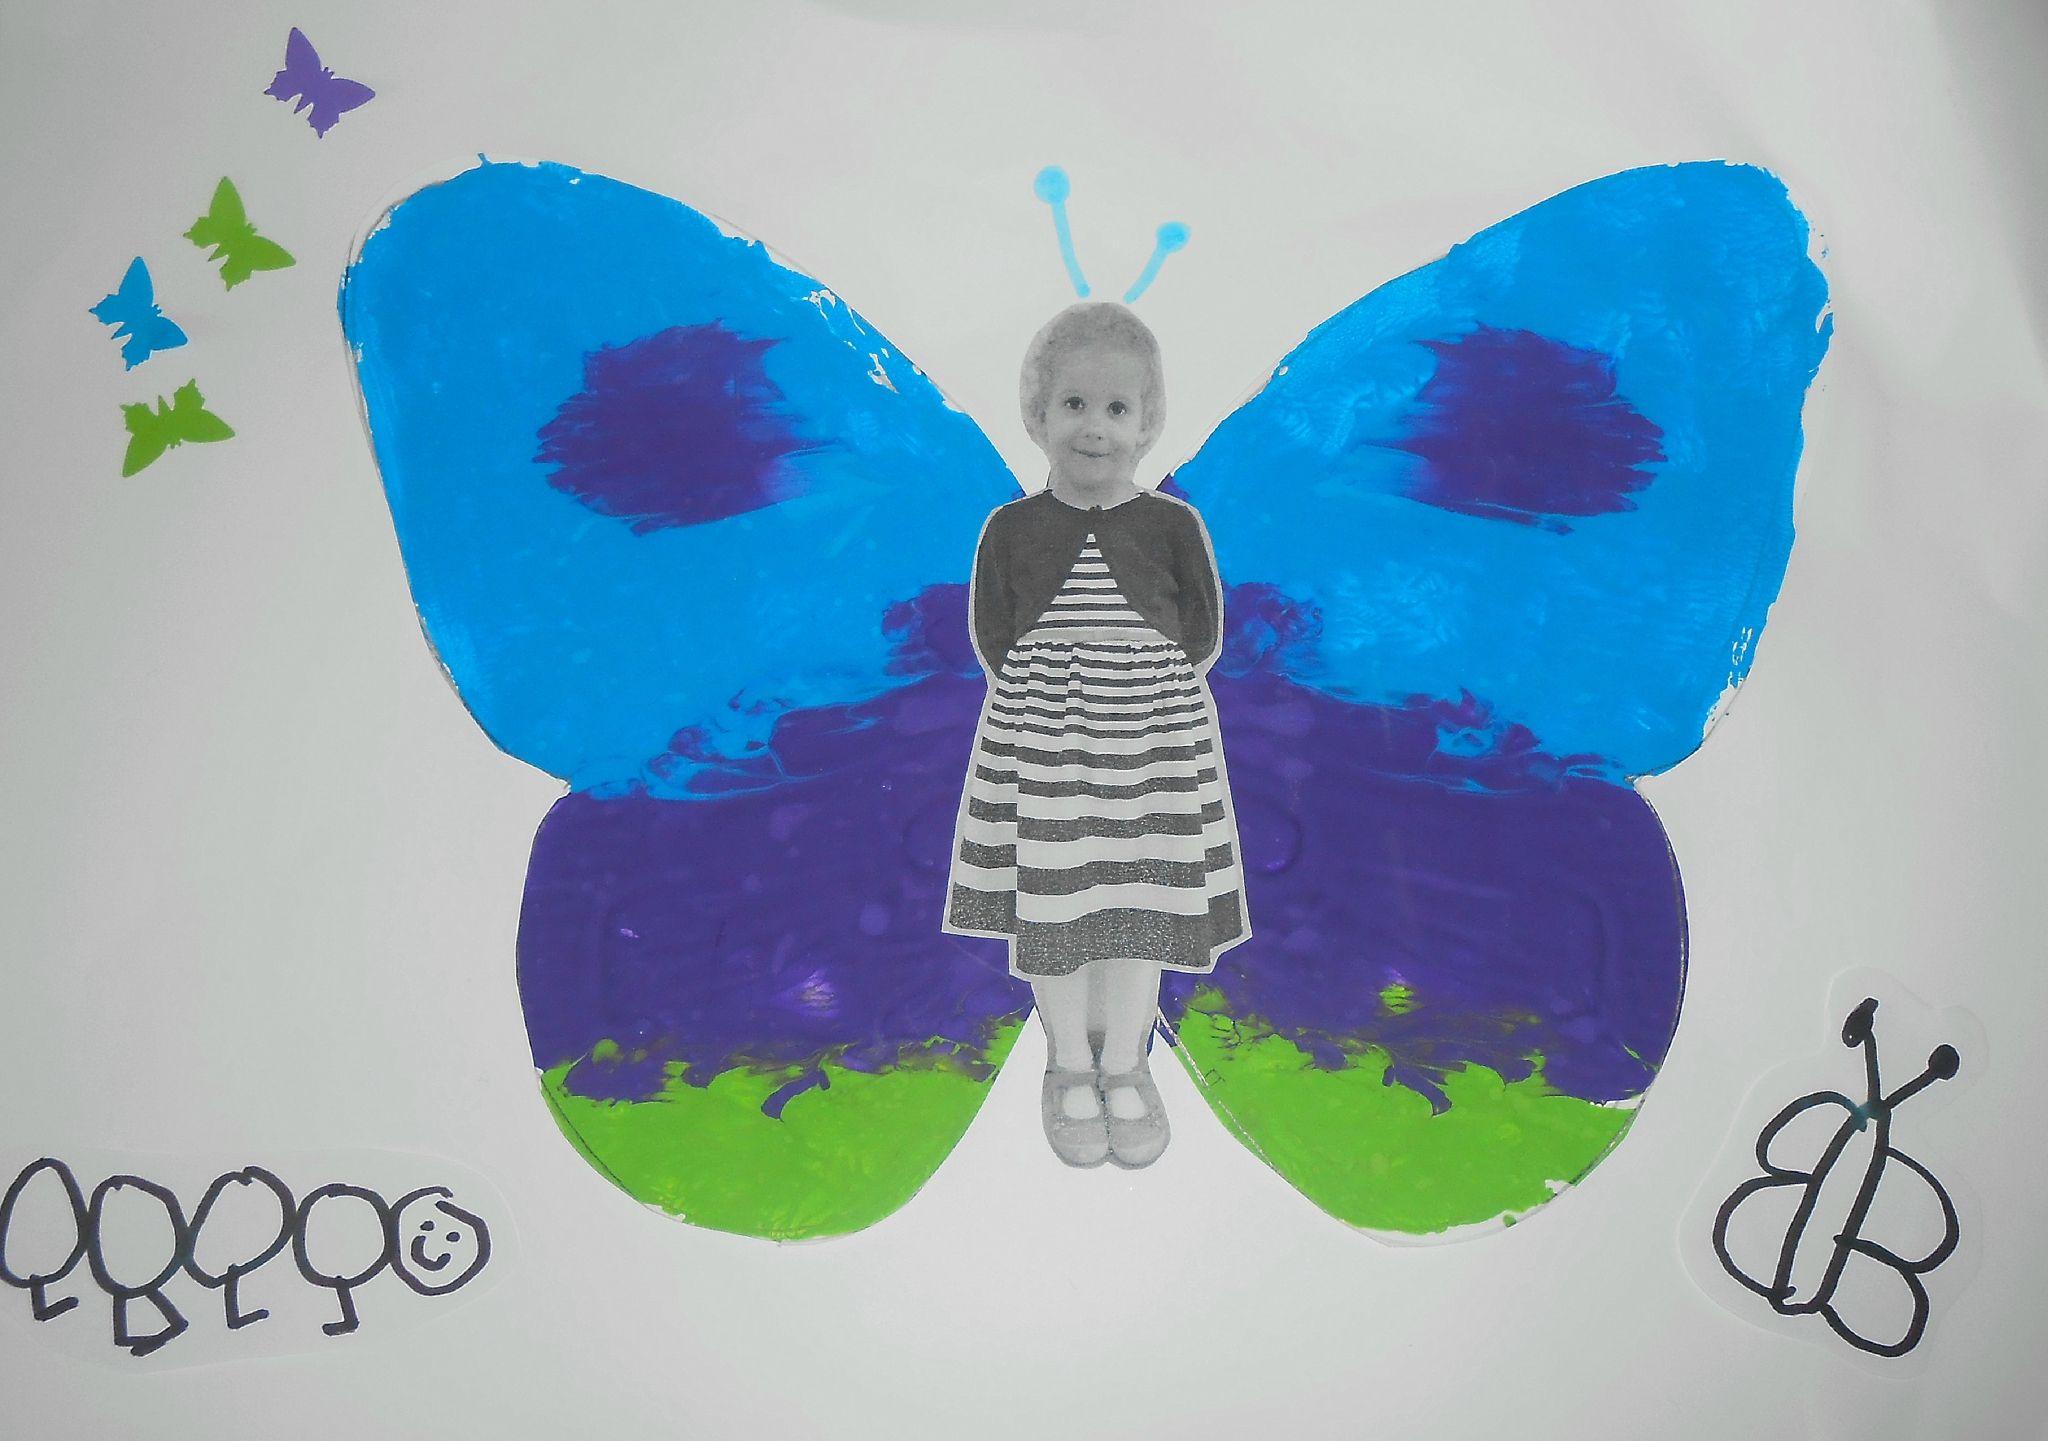 papillon activit manuelle maternelle peinture photo sym trie facile simple enfant enfants 1. Black Bedroom Furniture Sets. Home Design Ideas